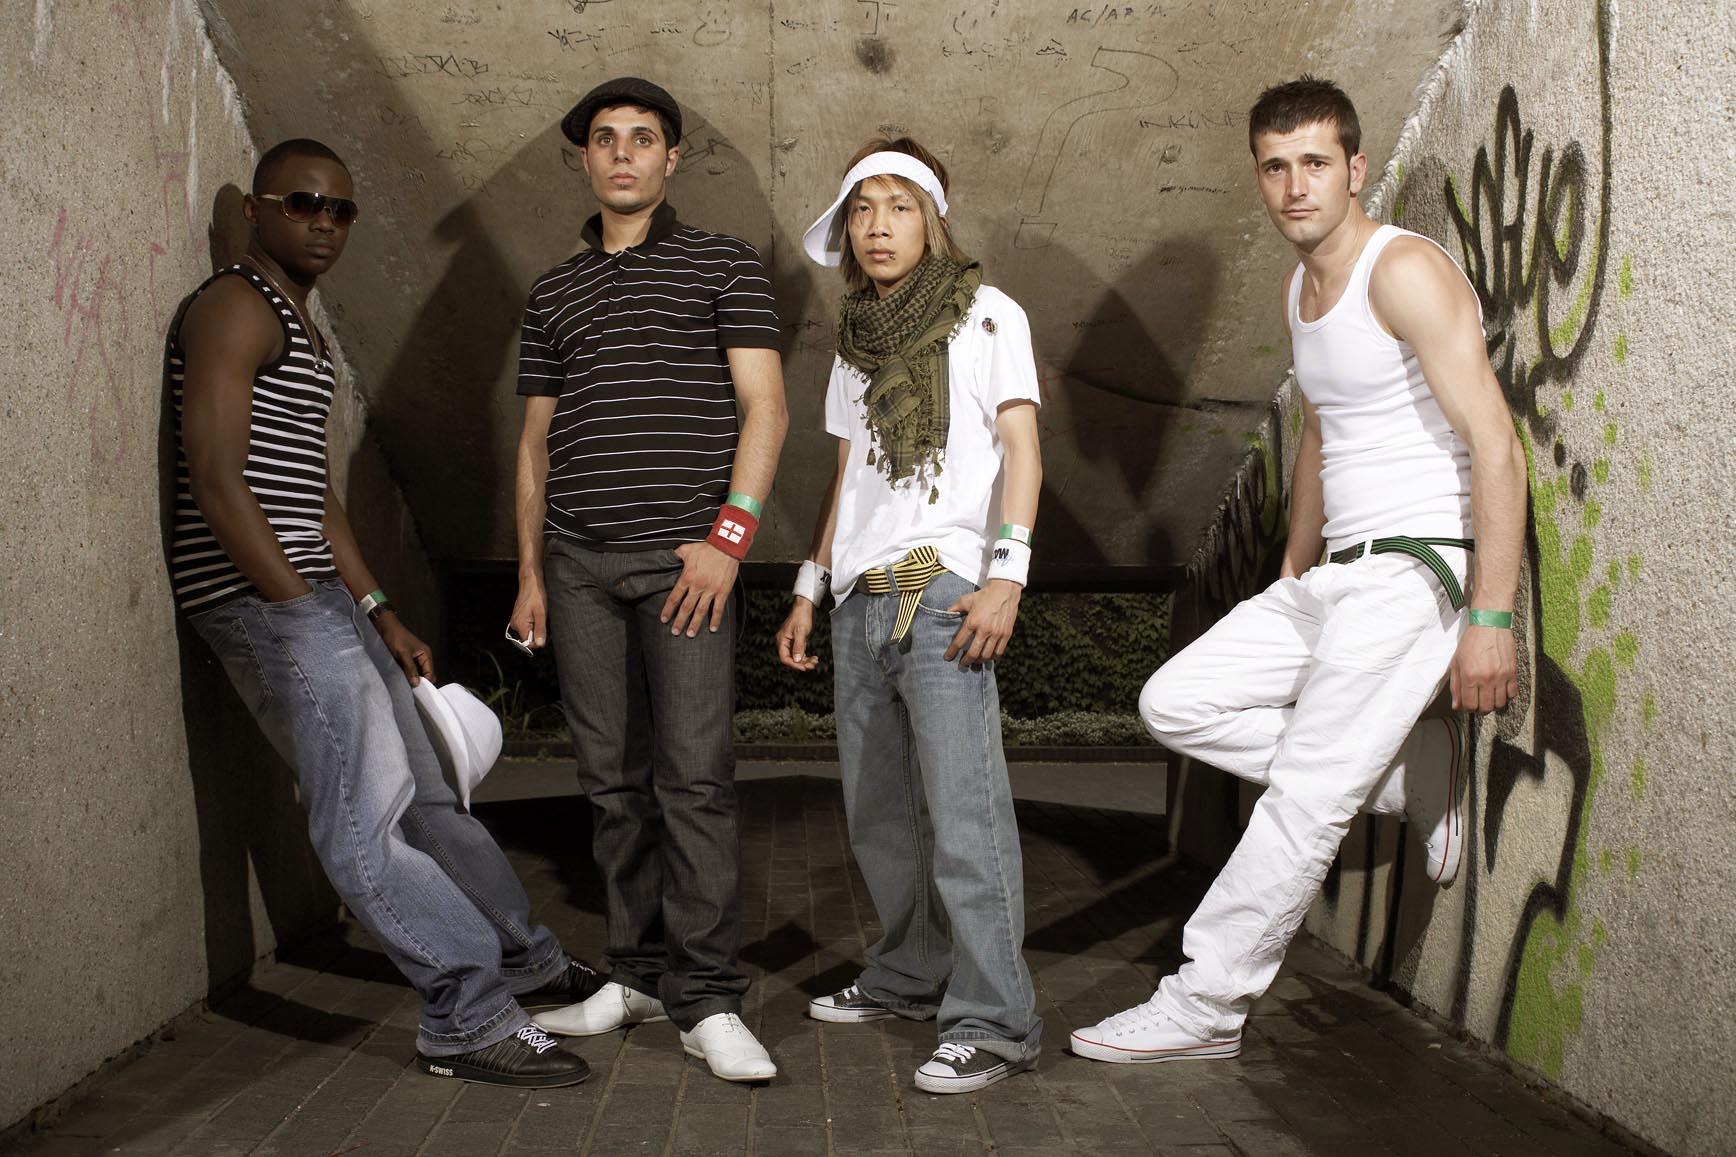 The Fame Asylum members: David, Saeed, Long, and Aaron